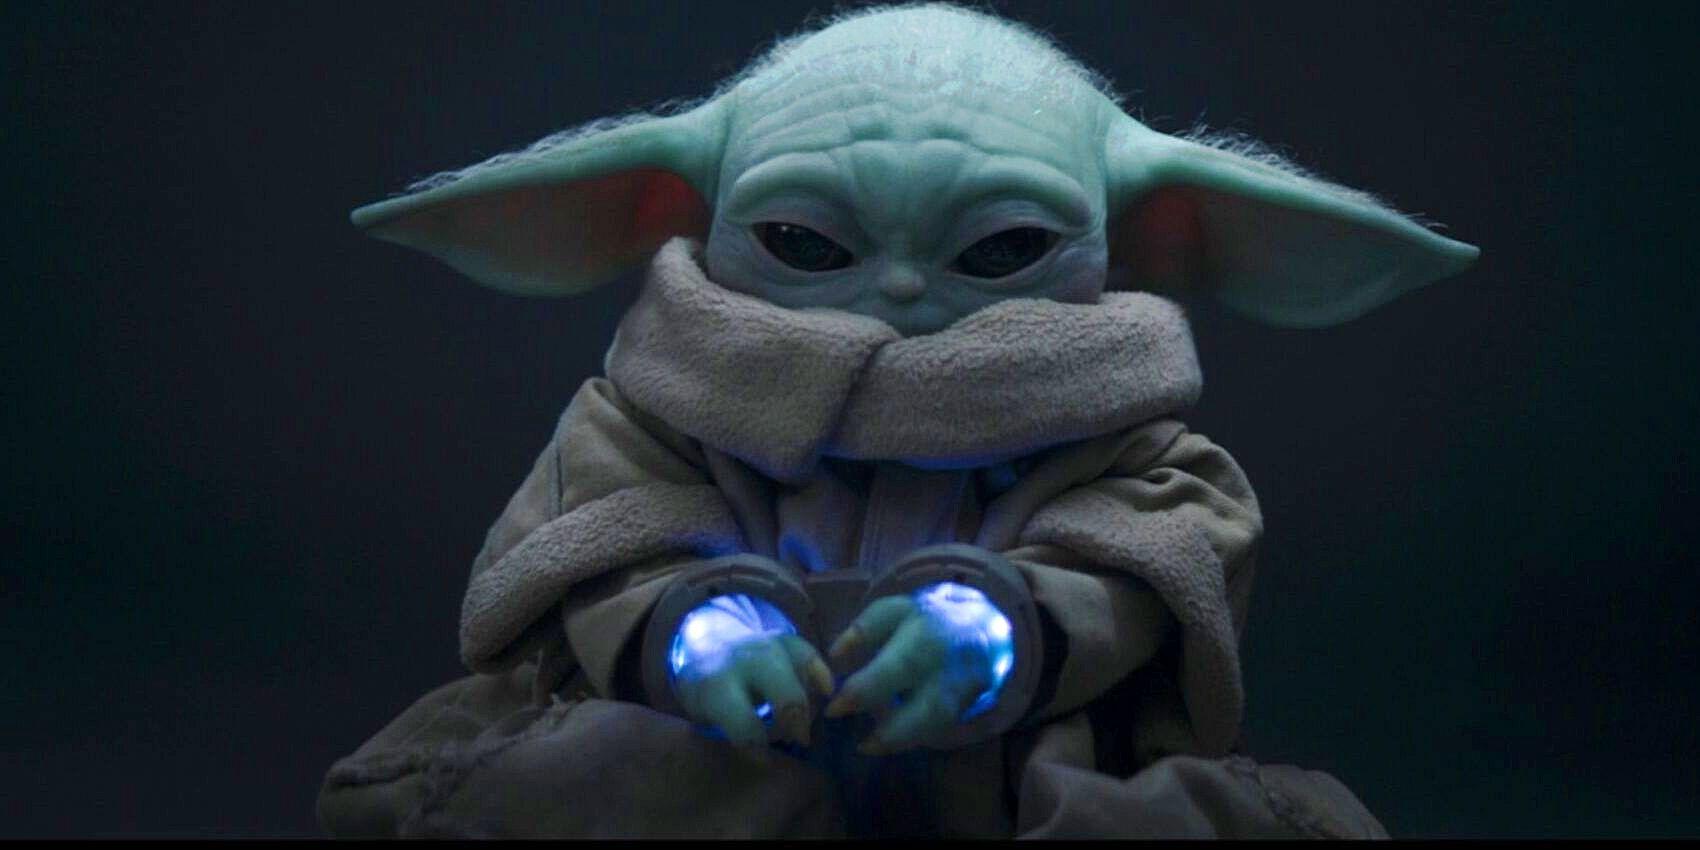 A Teoria de The Mandalorian: O Cliente Procurou Matar Baby Yoda ... para mantê-lo longe de Gideon 2